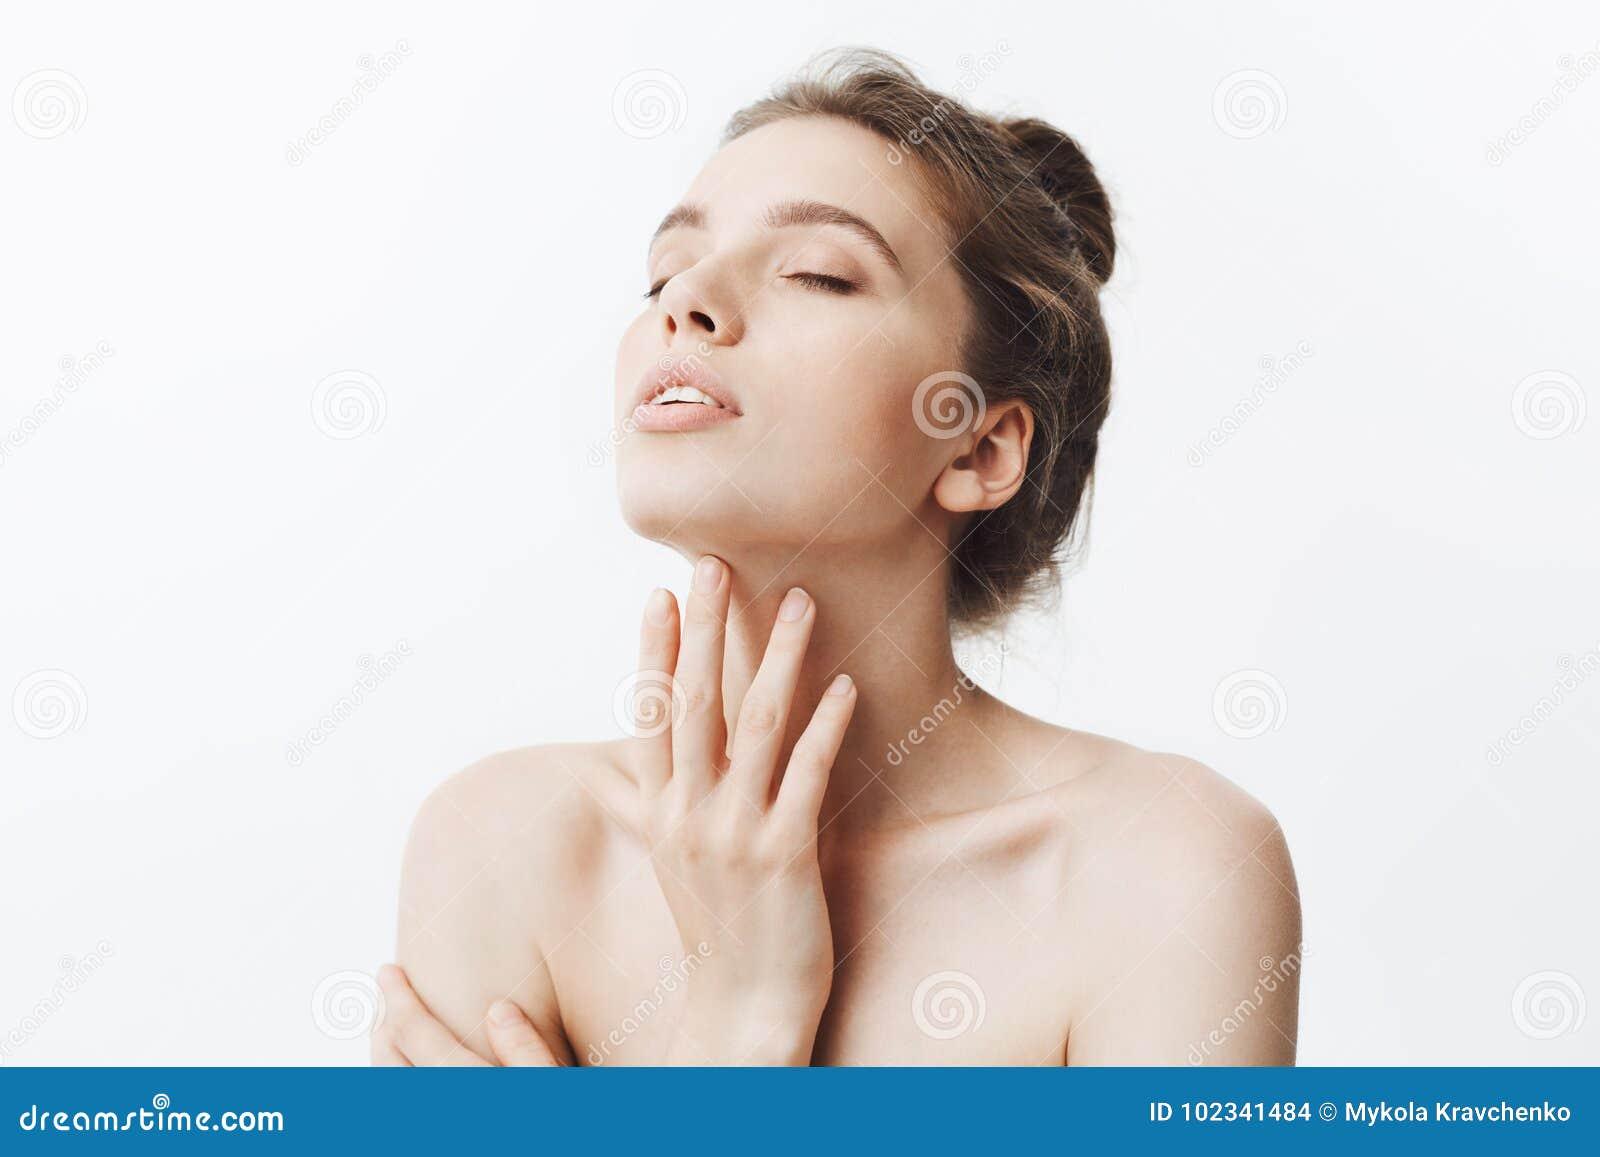 Ung härlig mörker-haired caucasian kvinna med bullefrisyren och nakna skuldror som plundrar huvudet med stängda ögon